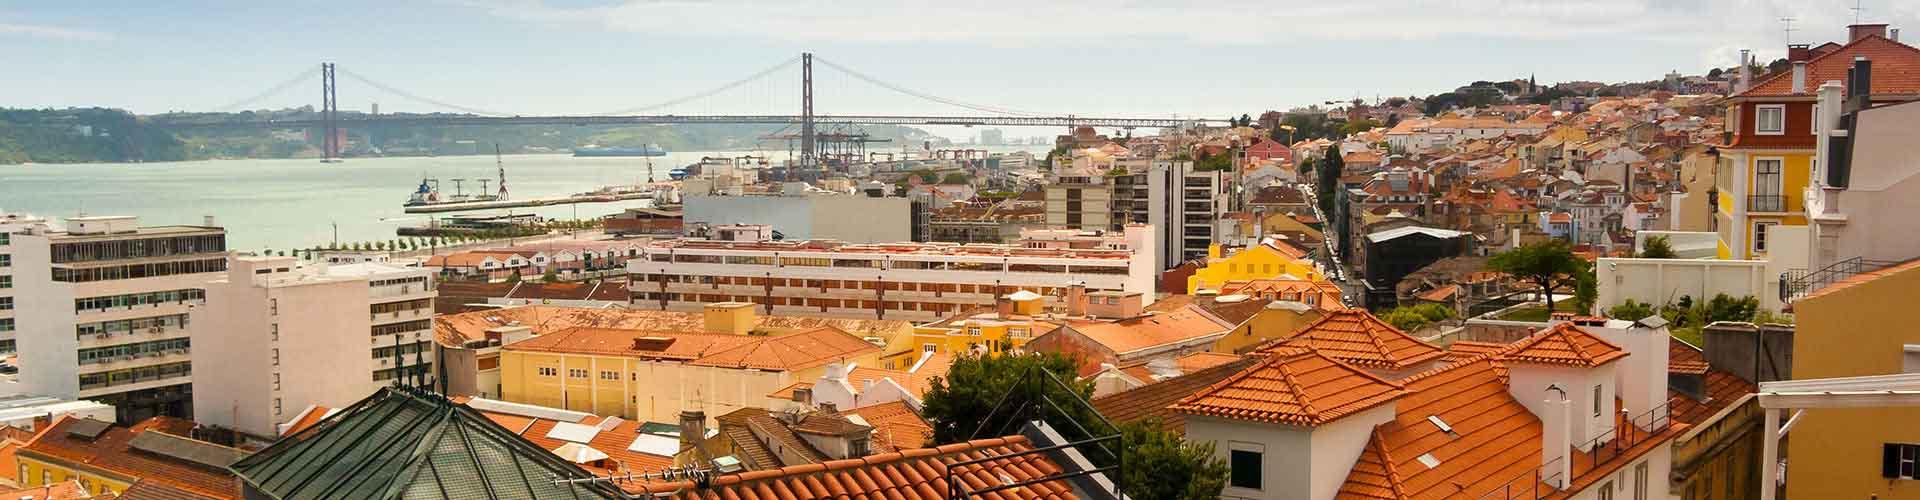 Lisbonne - Hôtels dans le quartier de Bairro Alto. Cartes pour Lisbonne, photos et commentaires pour chaque hôtel à Lisbonne.